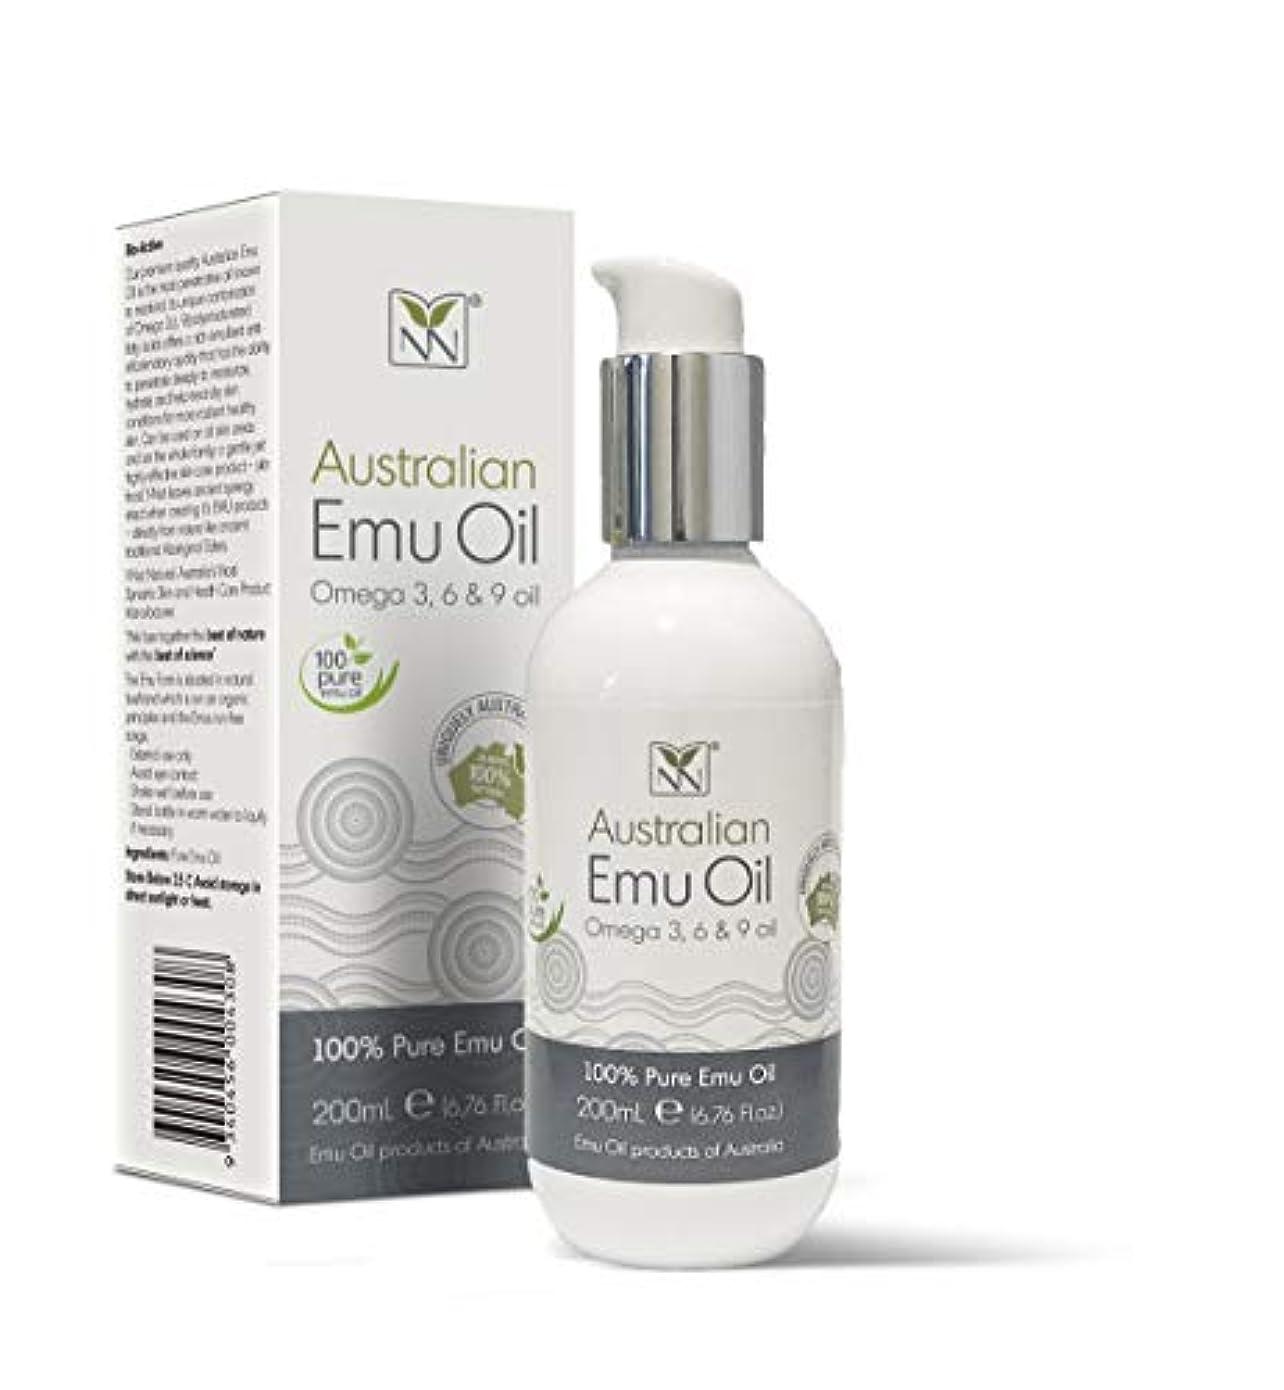 不良鉄上昇Y Not Natural エミューオイル EMU OIL 無添加100% 保湿性 浸透性 抜群 プレミアム品質 エミュー油 (200 ml)